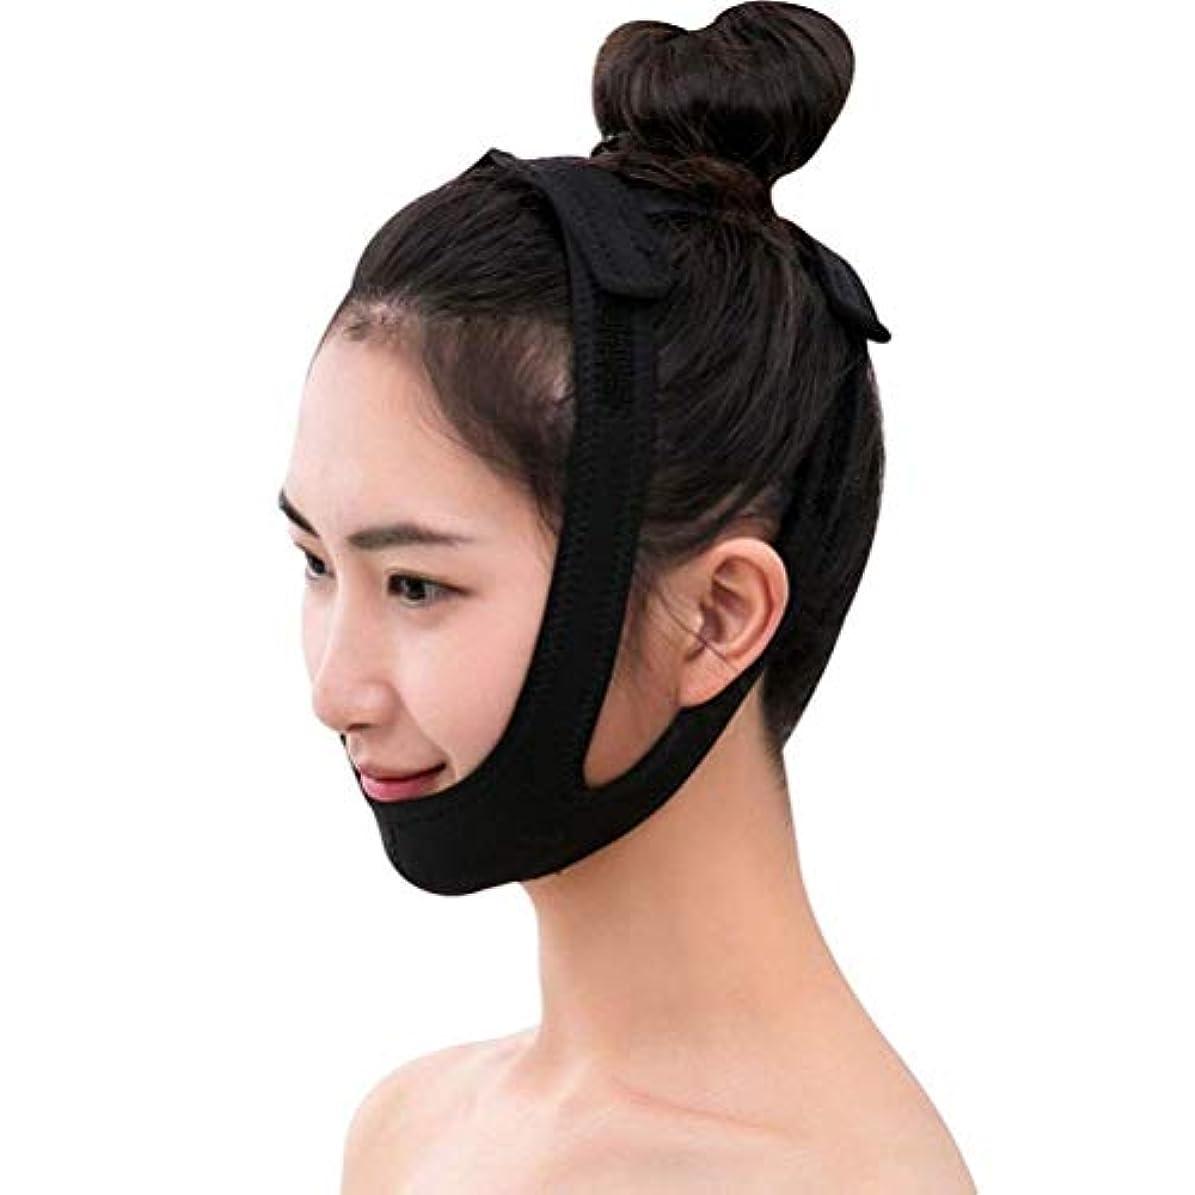 生きている誓いアリーナフェイスリフティングマスク、フェイスリフティング包帯V字型マスク/整形およびリフト/二重あごベルト/美容マスクフェイスリフト/縮小二重あご包帯/顔面矯正ベルト